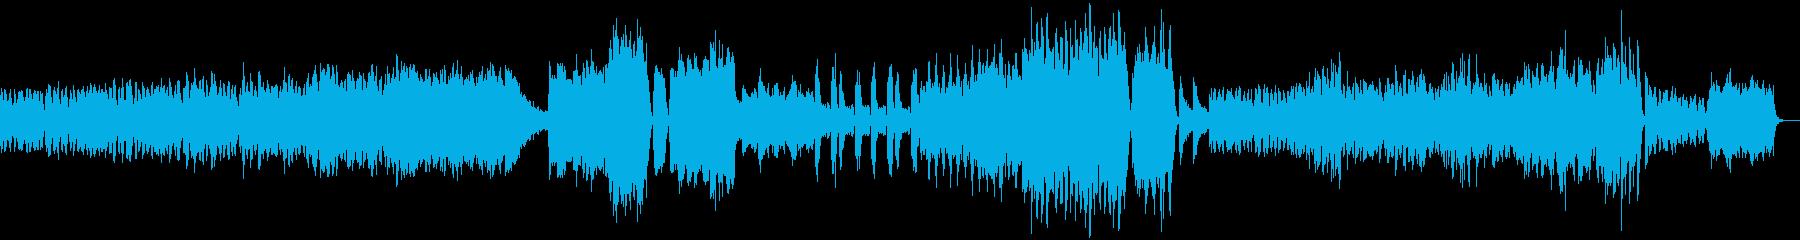 不安を感じるドロドロとしたBGMの再生済みの波形